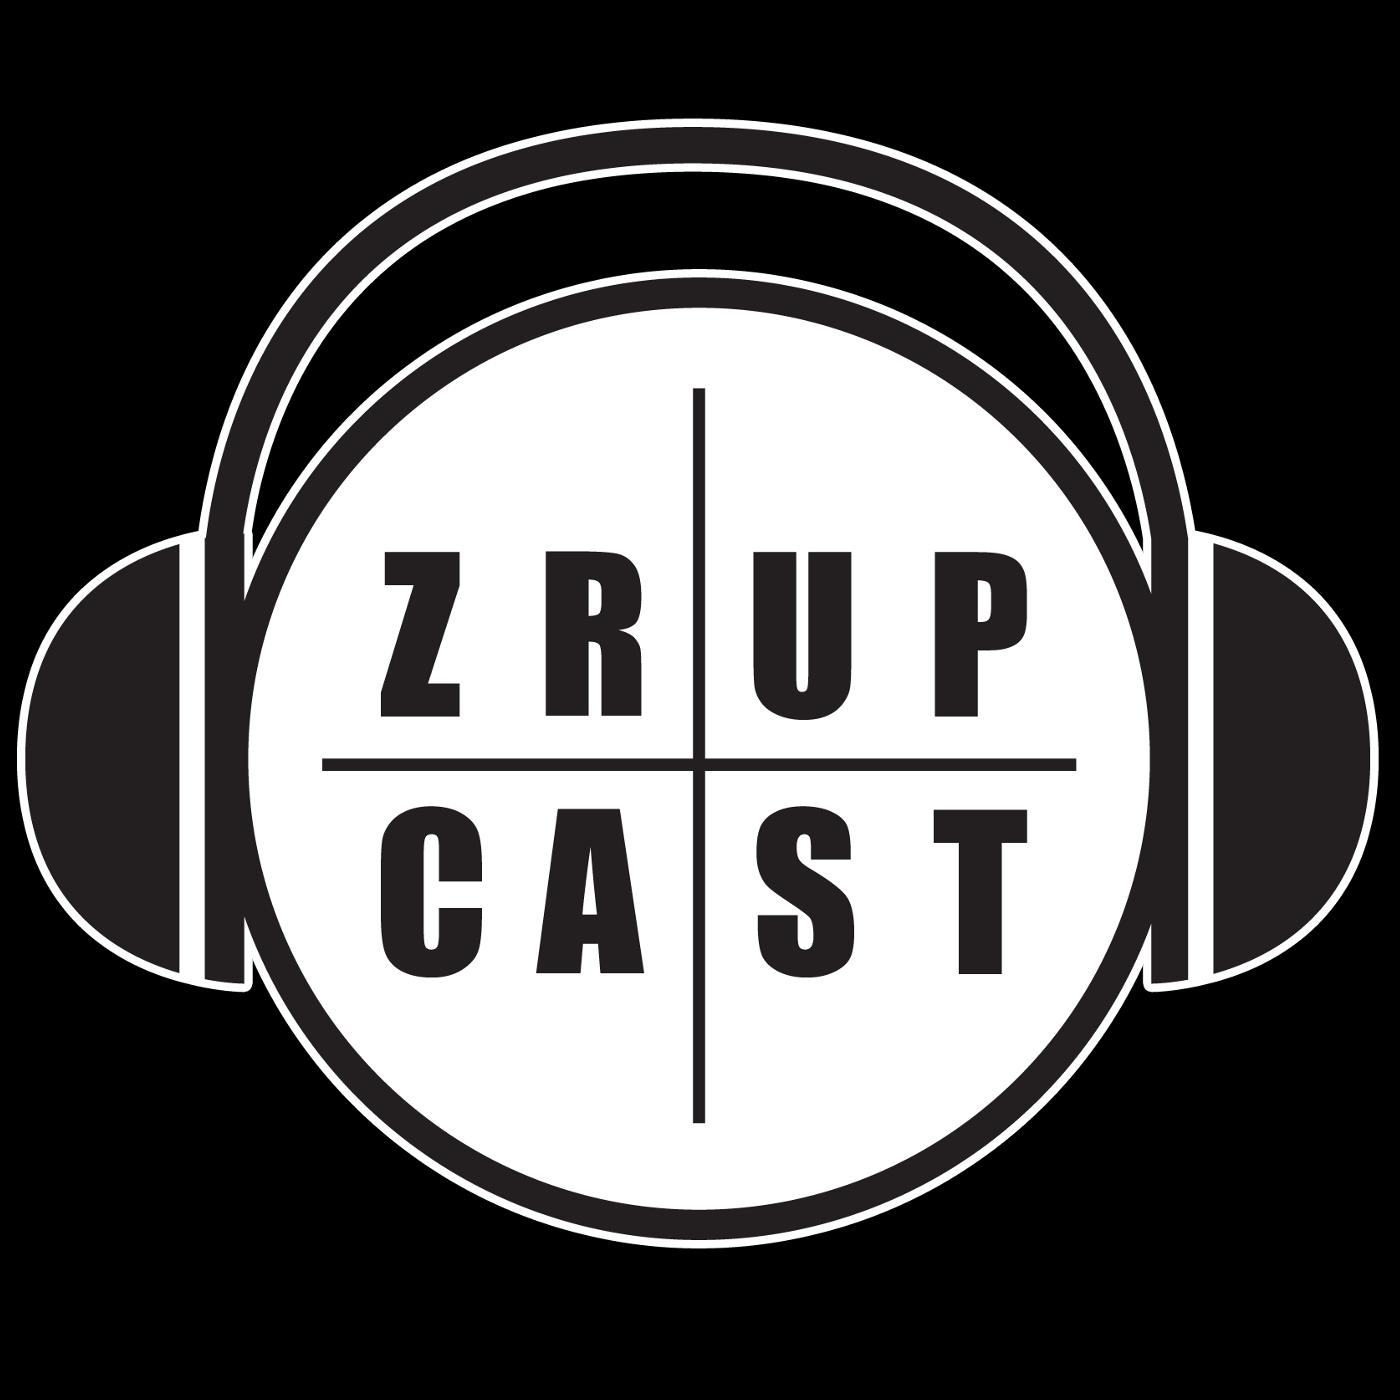 Różnicowanie bodźców treningowych i rehabilitacyjnych | Jakub Surmacz | ZRUPcast #31